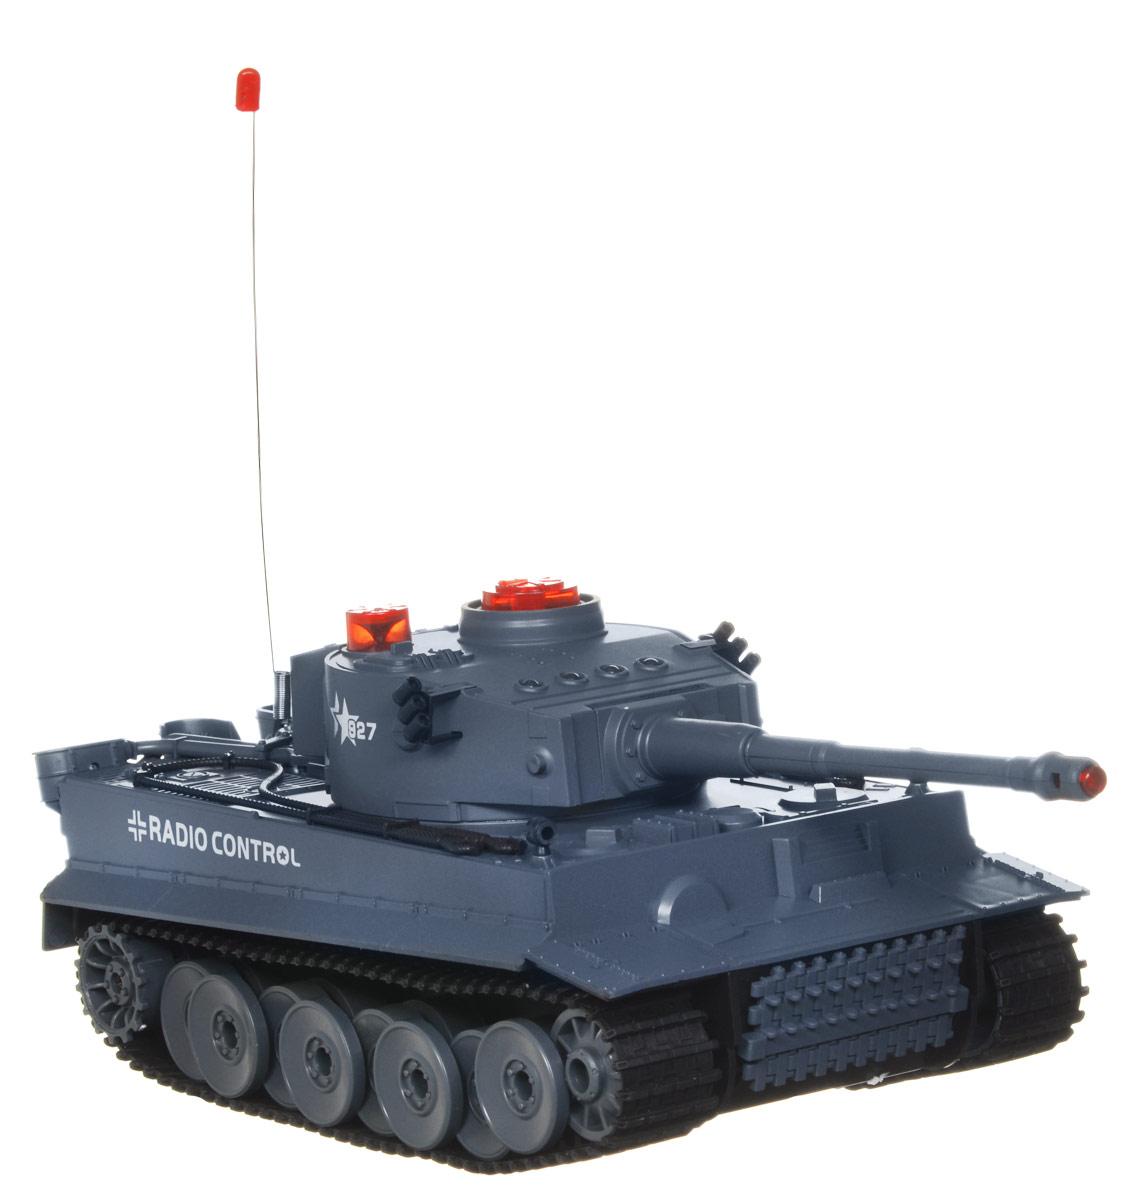 """Радиоуправляемый """"Боевой танк"""" понравится не только малышам, но и взрослым любителям военной техники. Игрушка выполнена из безопасного прочного пластика с элементами из металла и дополнена системой инфракрасного наведения. Танк может двигаться вправо, влево, вперед и назад, вращаться на месте. Башня танка может вращаться направо и налево на 180 градусов, а регулируемая пушка опускается и поднимается. Вверху танка имеются индикаторы жизни и питания. Радиус действия пульта управления составляет 10 метров, радиус инфракрасных выстрелов - 3 метра. Реалистичные световые и звуковые эффекты при стрельбе позволяют еще глубже окунуться в атмосферу настоящего танкового боя. Радиоуправляемые игрушки развивают многочисленные способности ребенка: мелкую моторику, пространственное мышление, реакцию и логику. Порадуйте своего ребенка таким замечательным подарком! Игрушка работает от съемного аккумулятора напряжением 7,2V с зарядным устройством (входят в комплект). ..."""